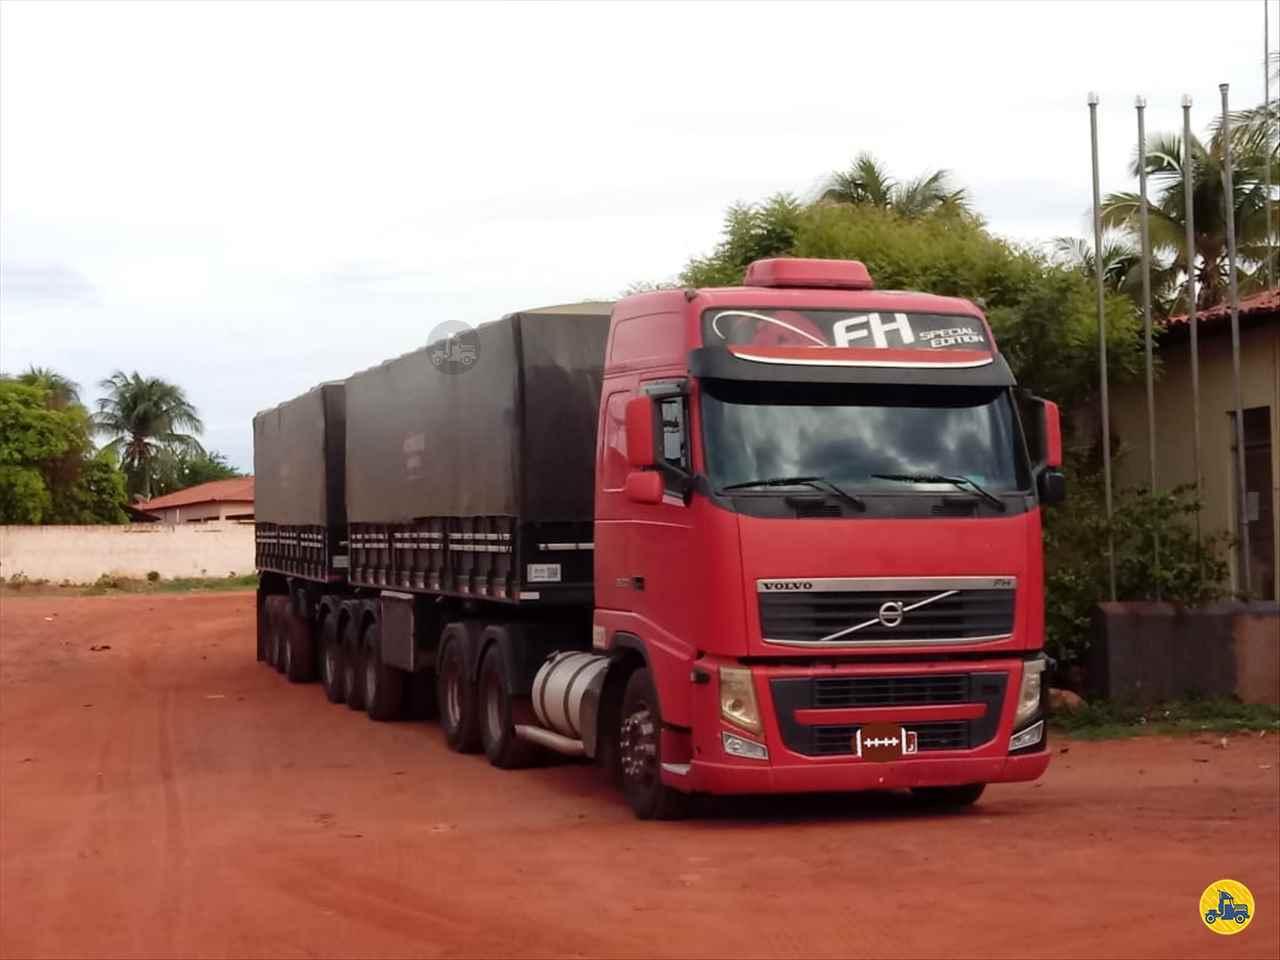 CAMINHAO VOLVO VOLVO FH 520 Graneleiro Traçado 6x4 Diogo Caminhões ANAPOLIS GOIAS GO